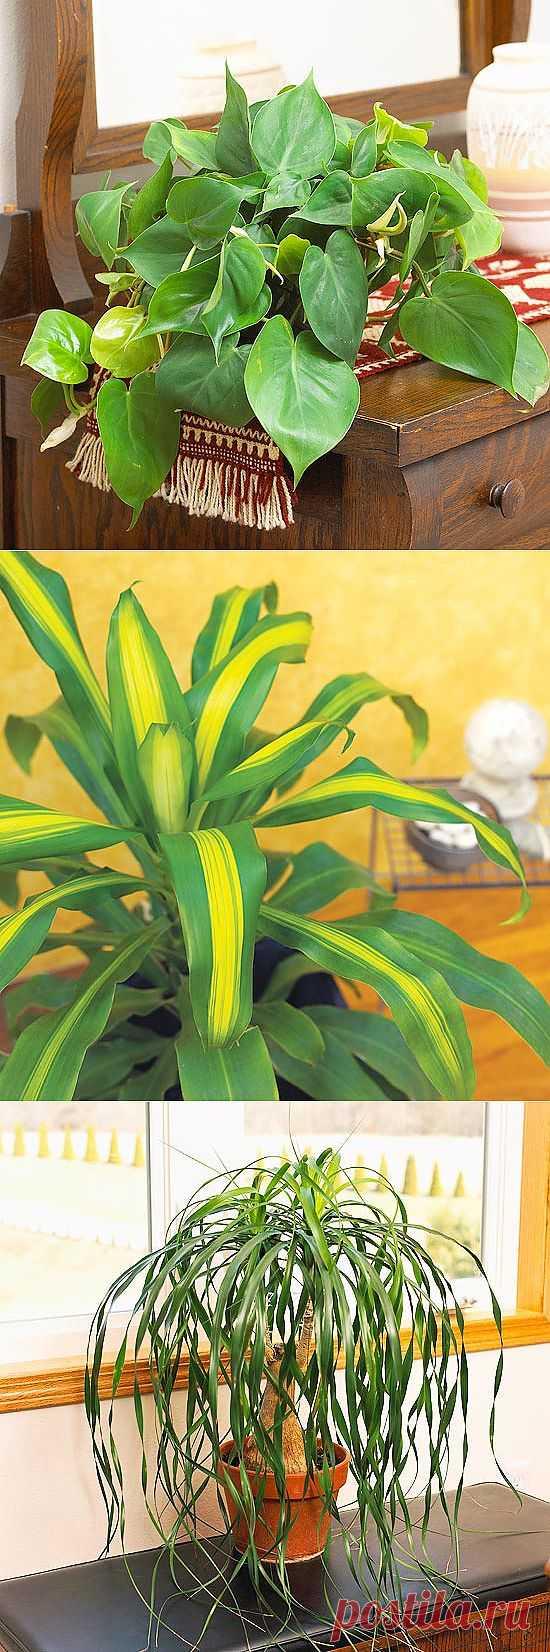 Комнатные растения: неприхотливые, с красивыми листьями и редким поливом.